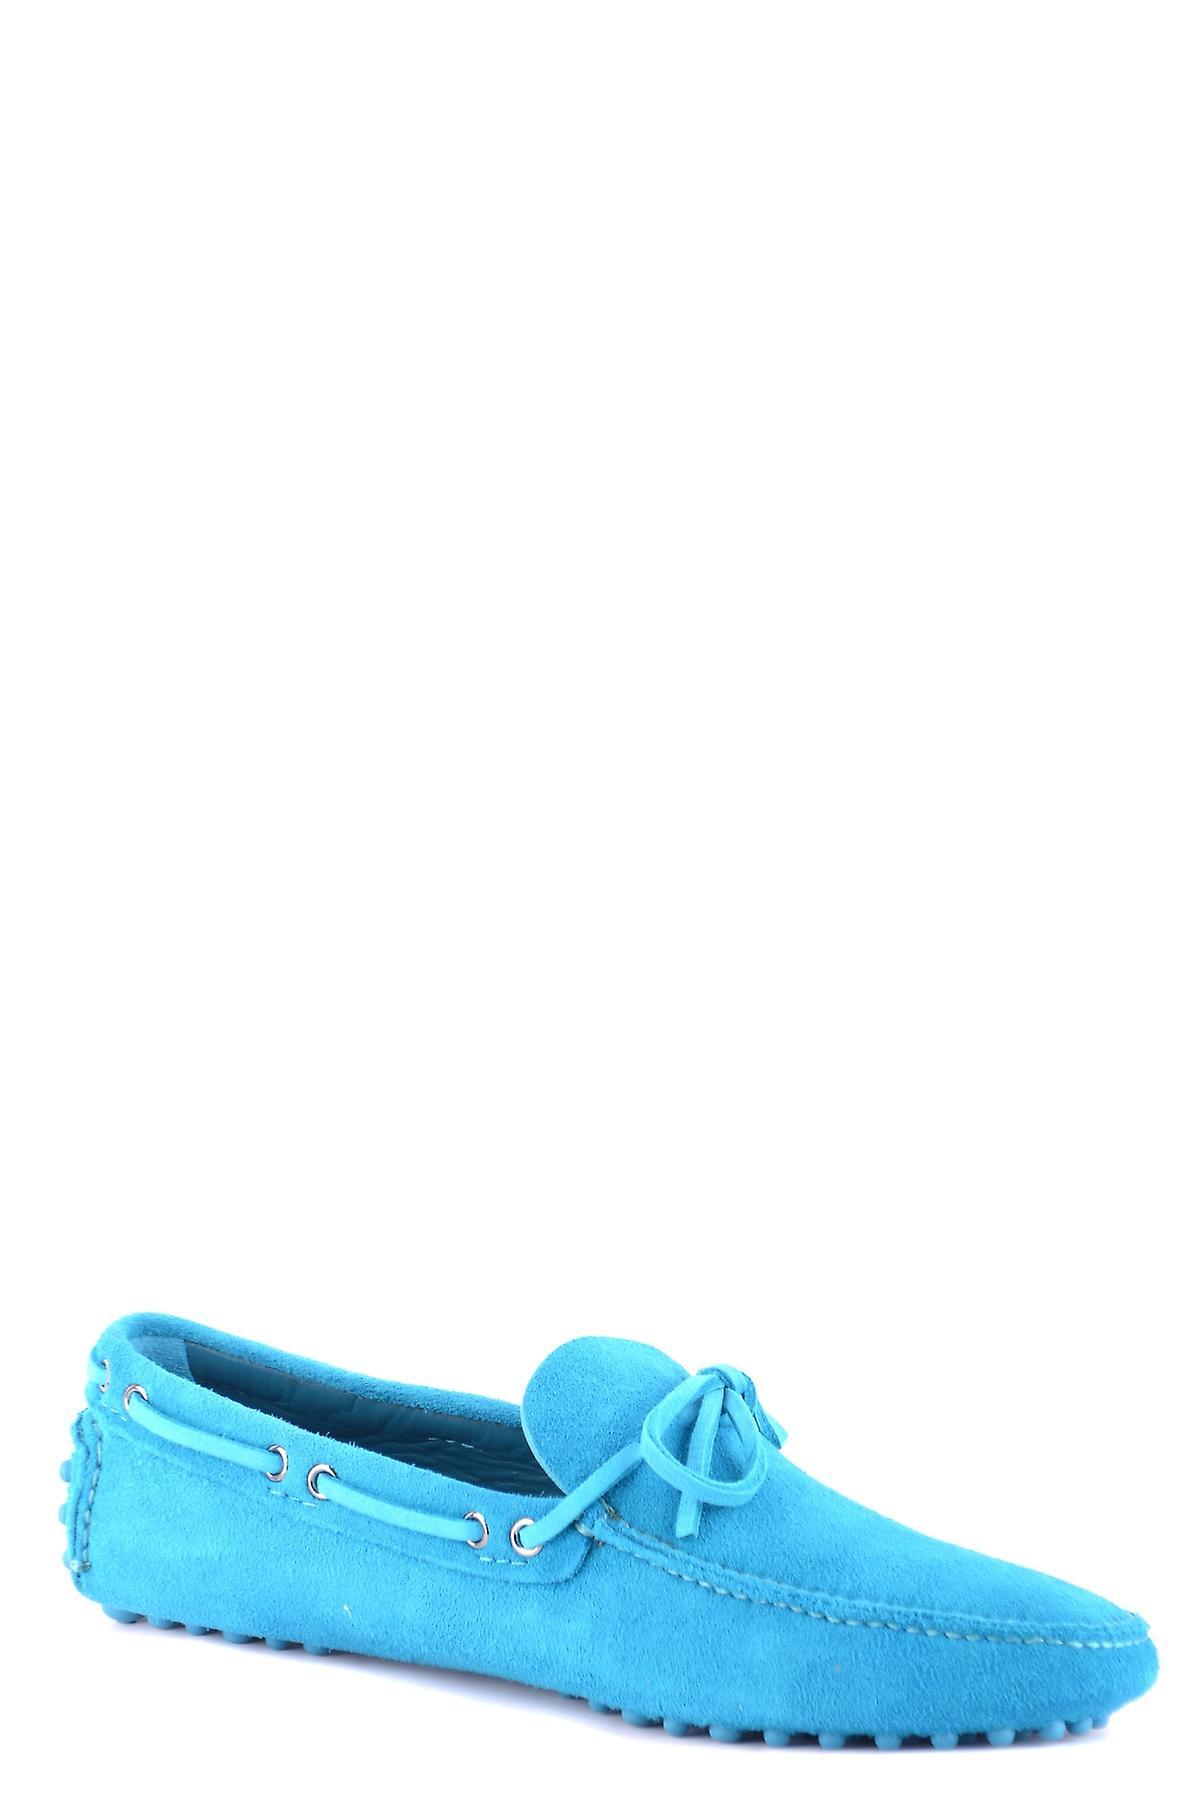 Chaussures de voiture Ezbc029014 Men-apos;s Light Blue Suede Loafers